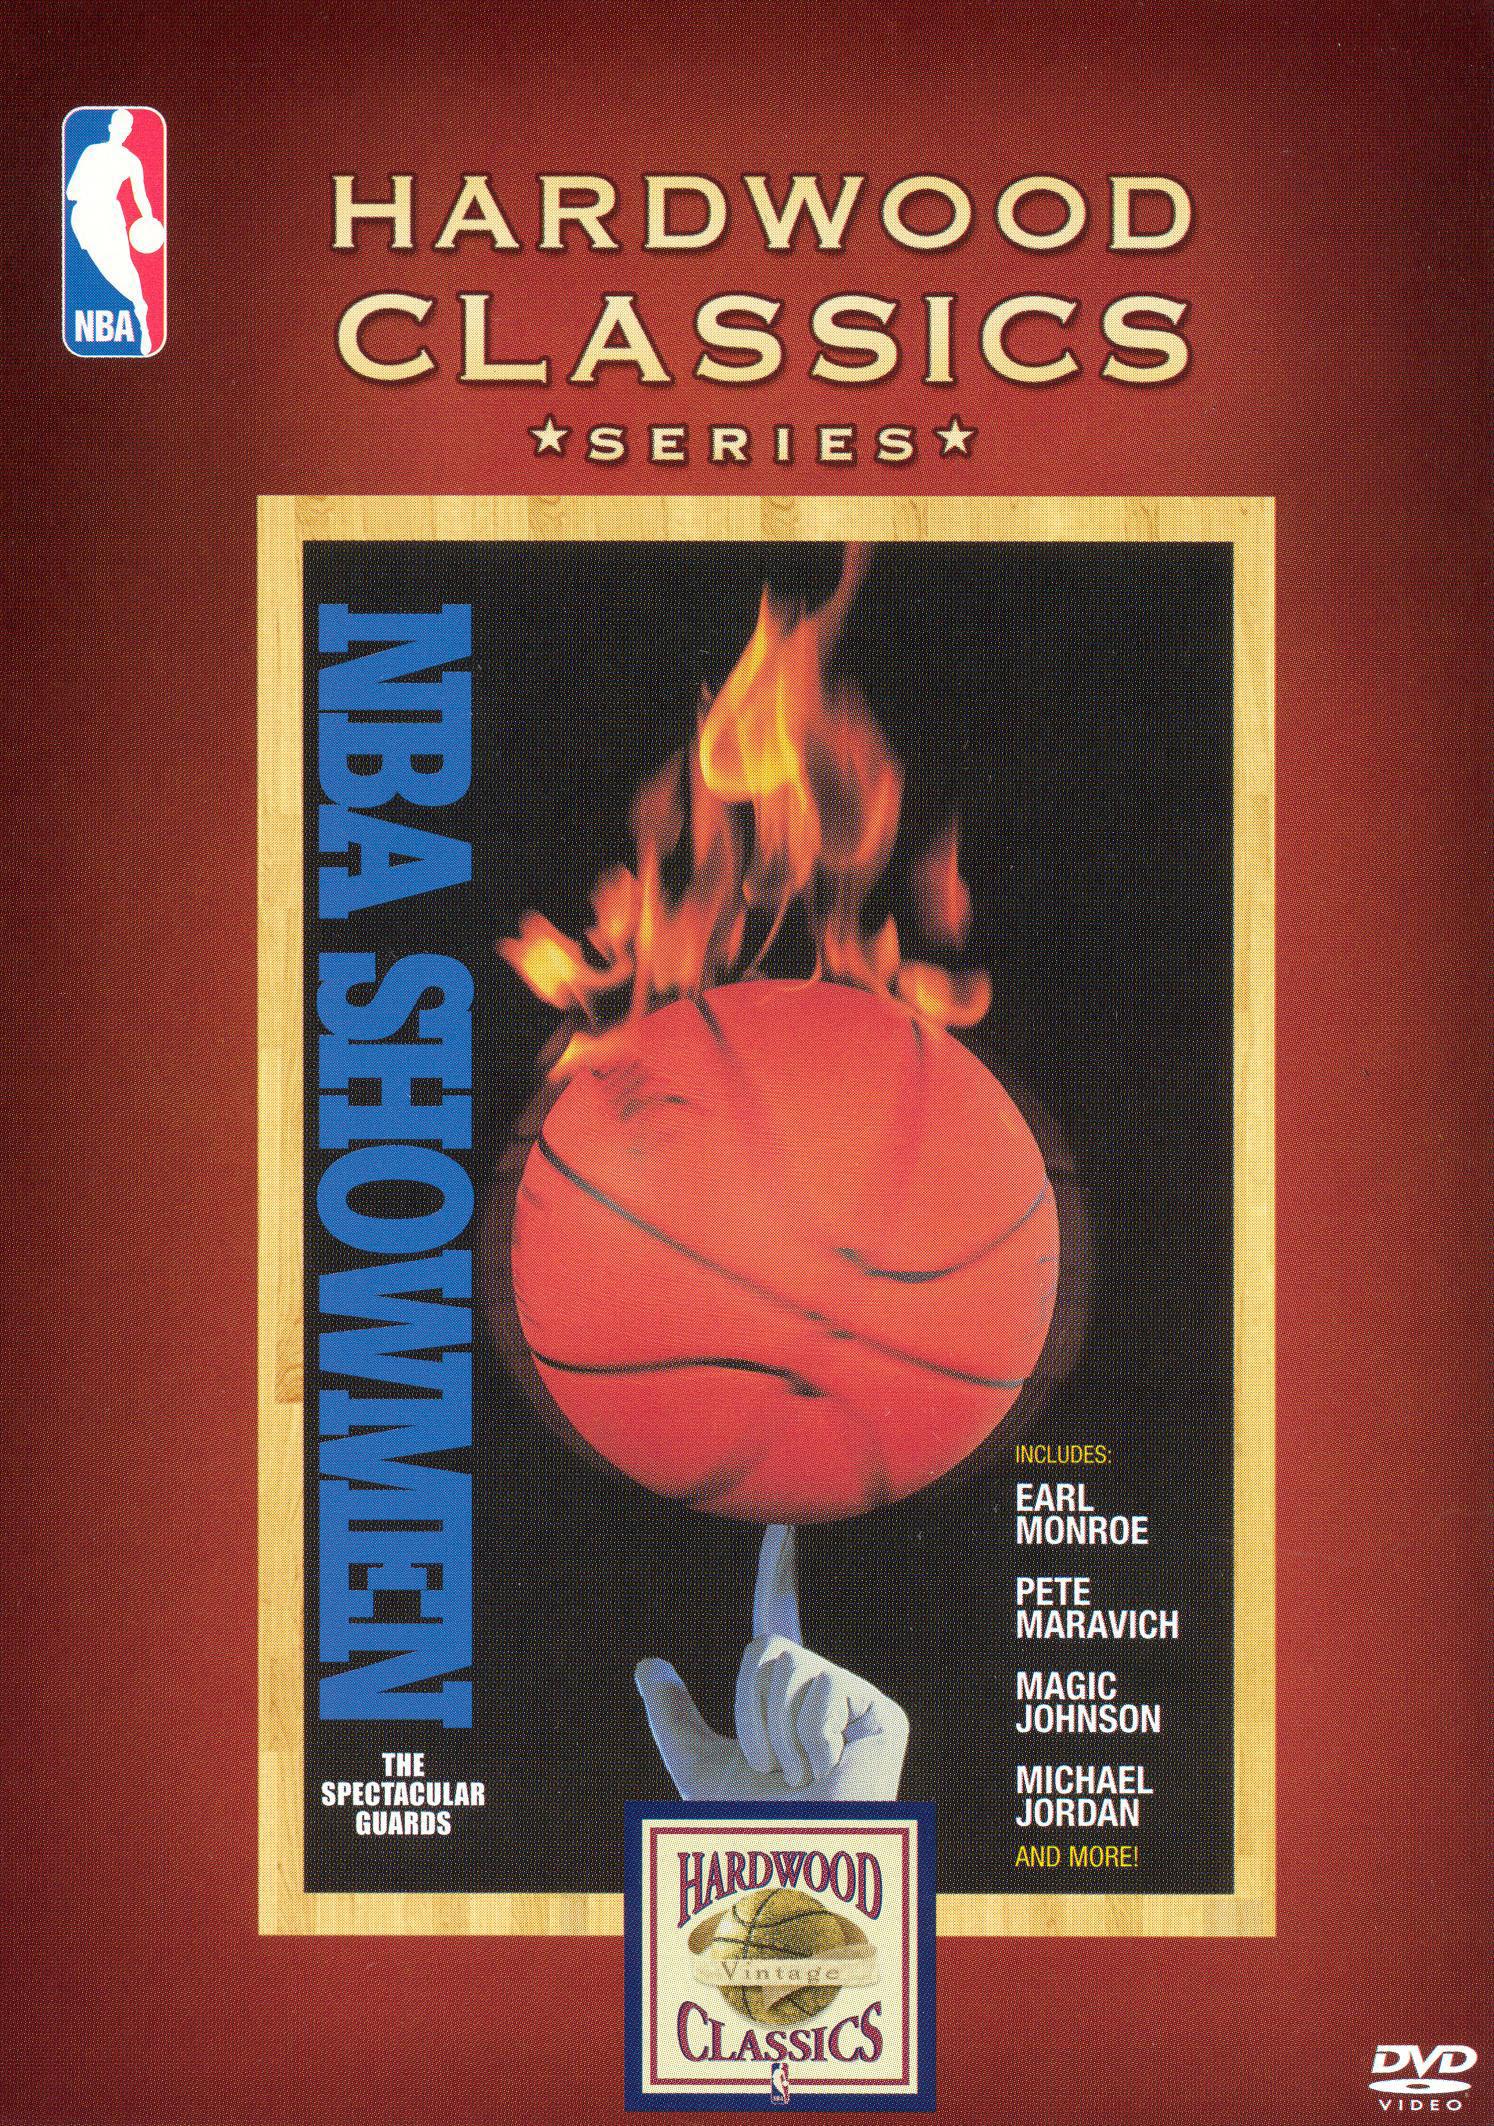 NBA: Showmen & Spectacular Guards